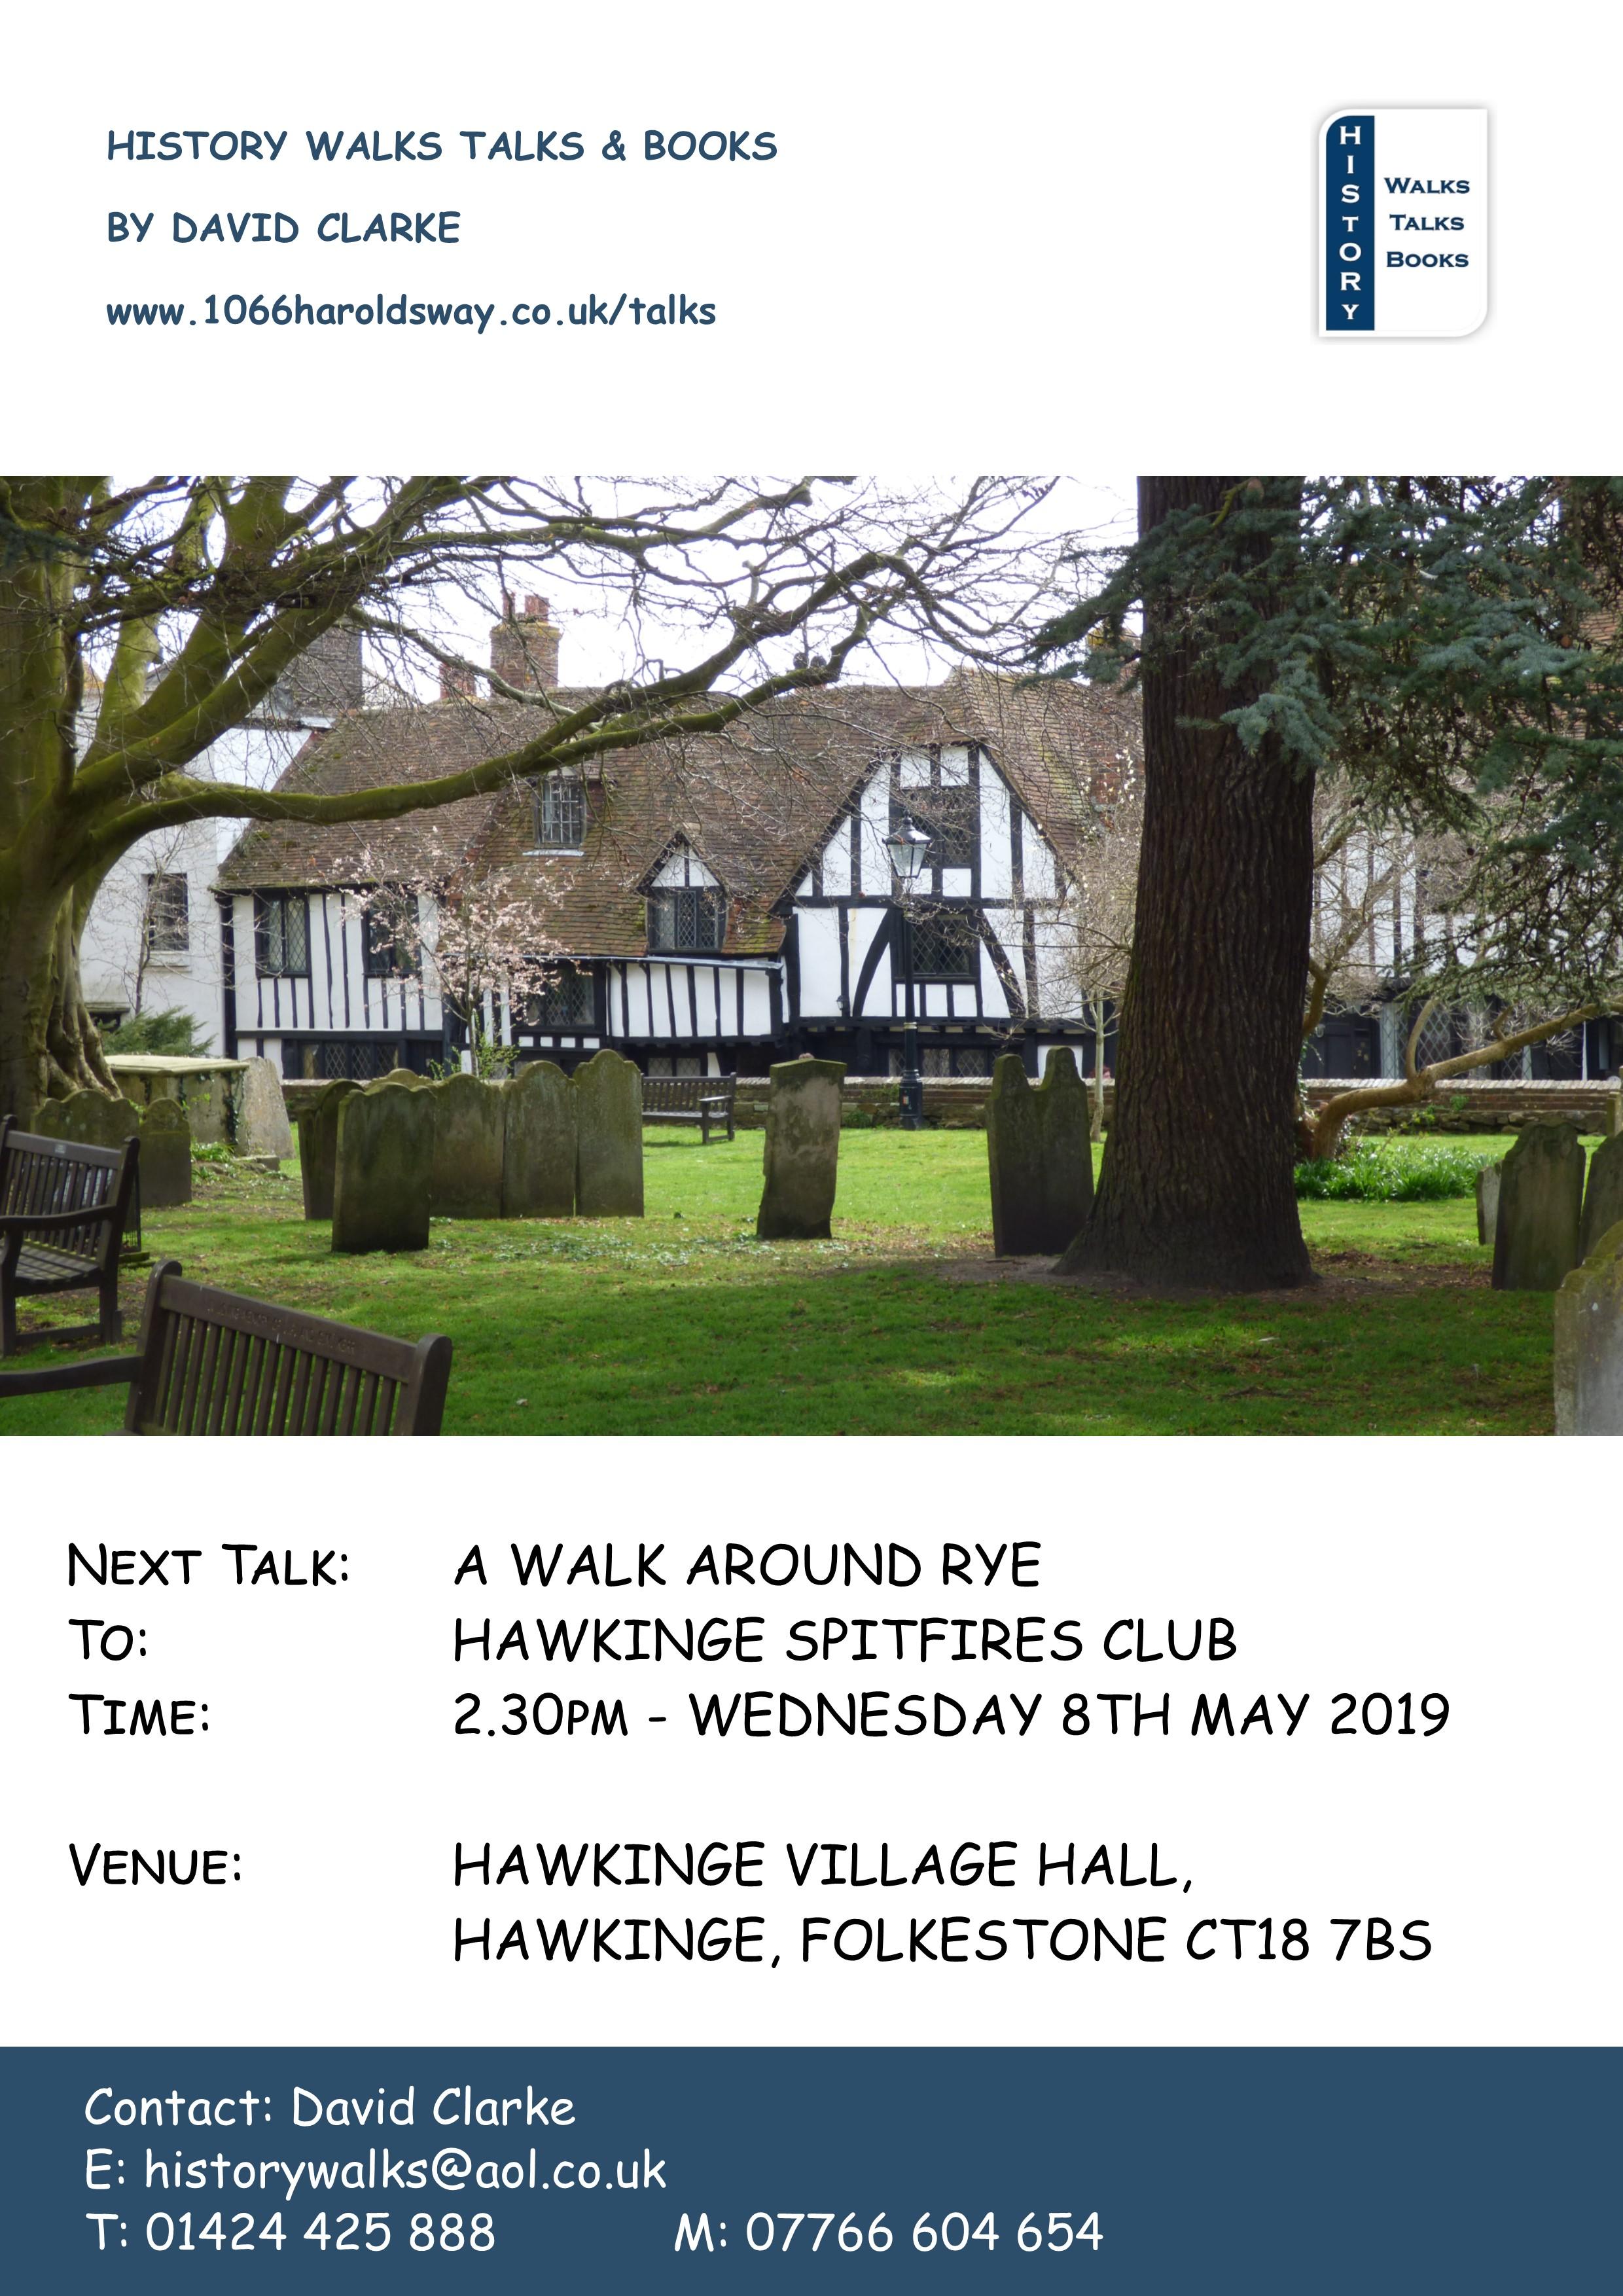 2019 A Walk around Rye Hawkinge